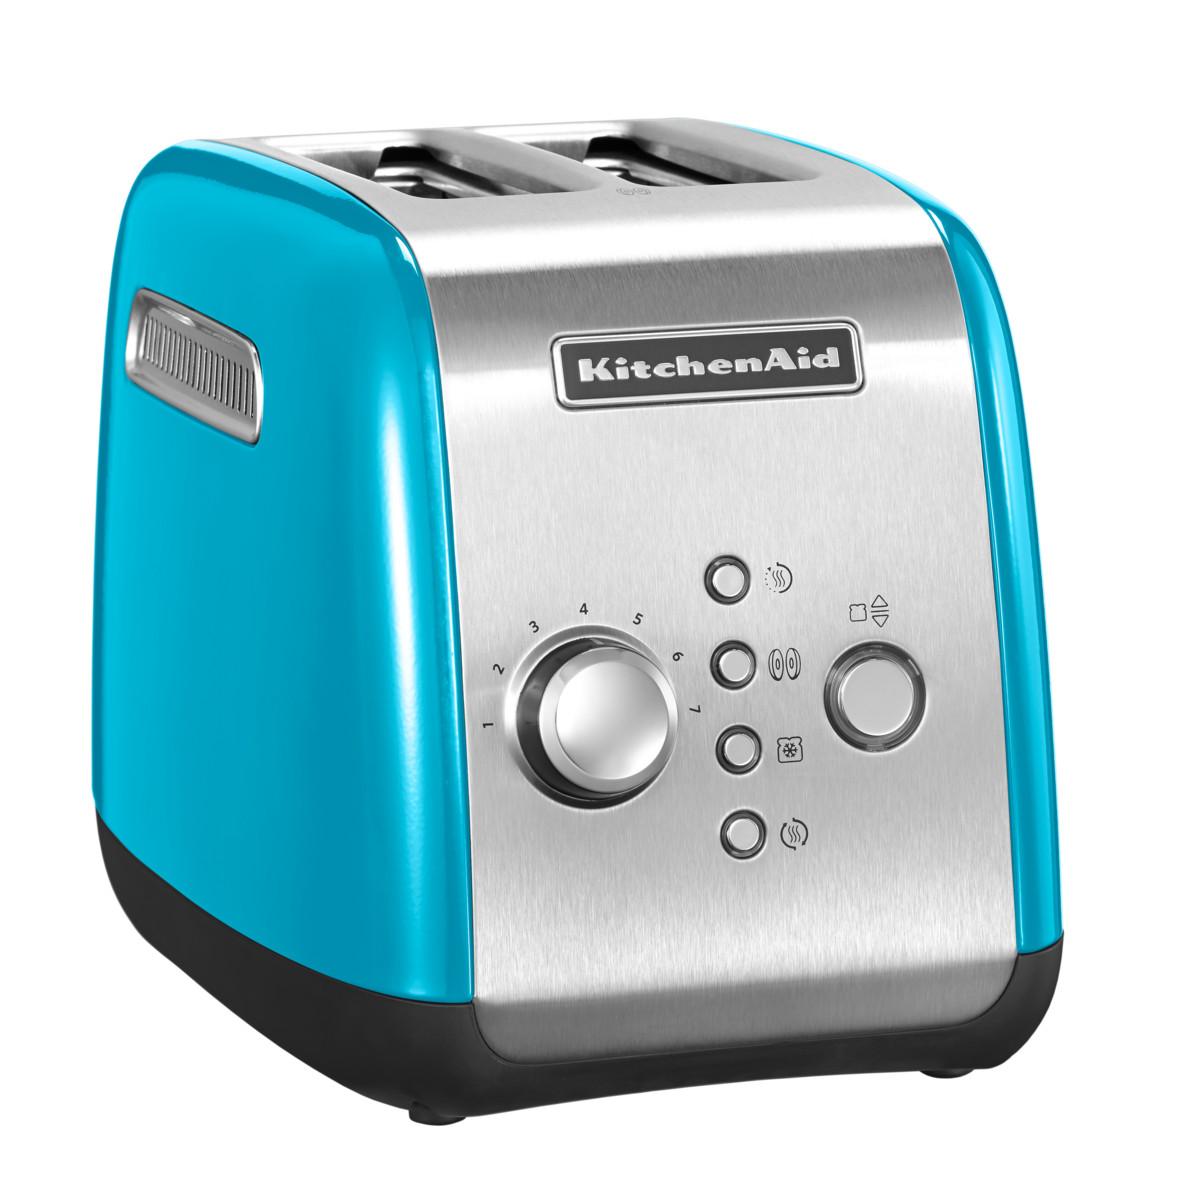 Toustovač P2 5KMT221 křišťálově modrá, KitchenAid +Příslušenství v hodnotě 1580,-Kč